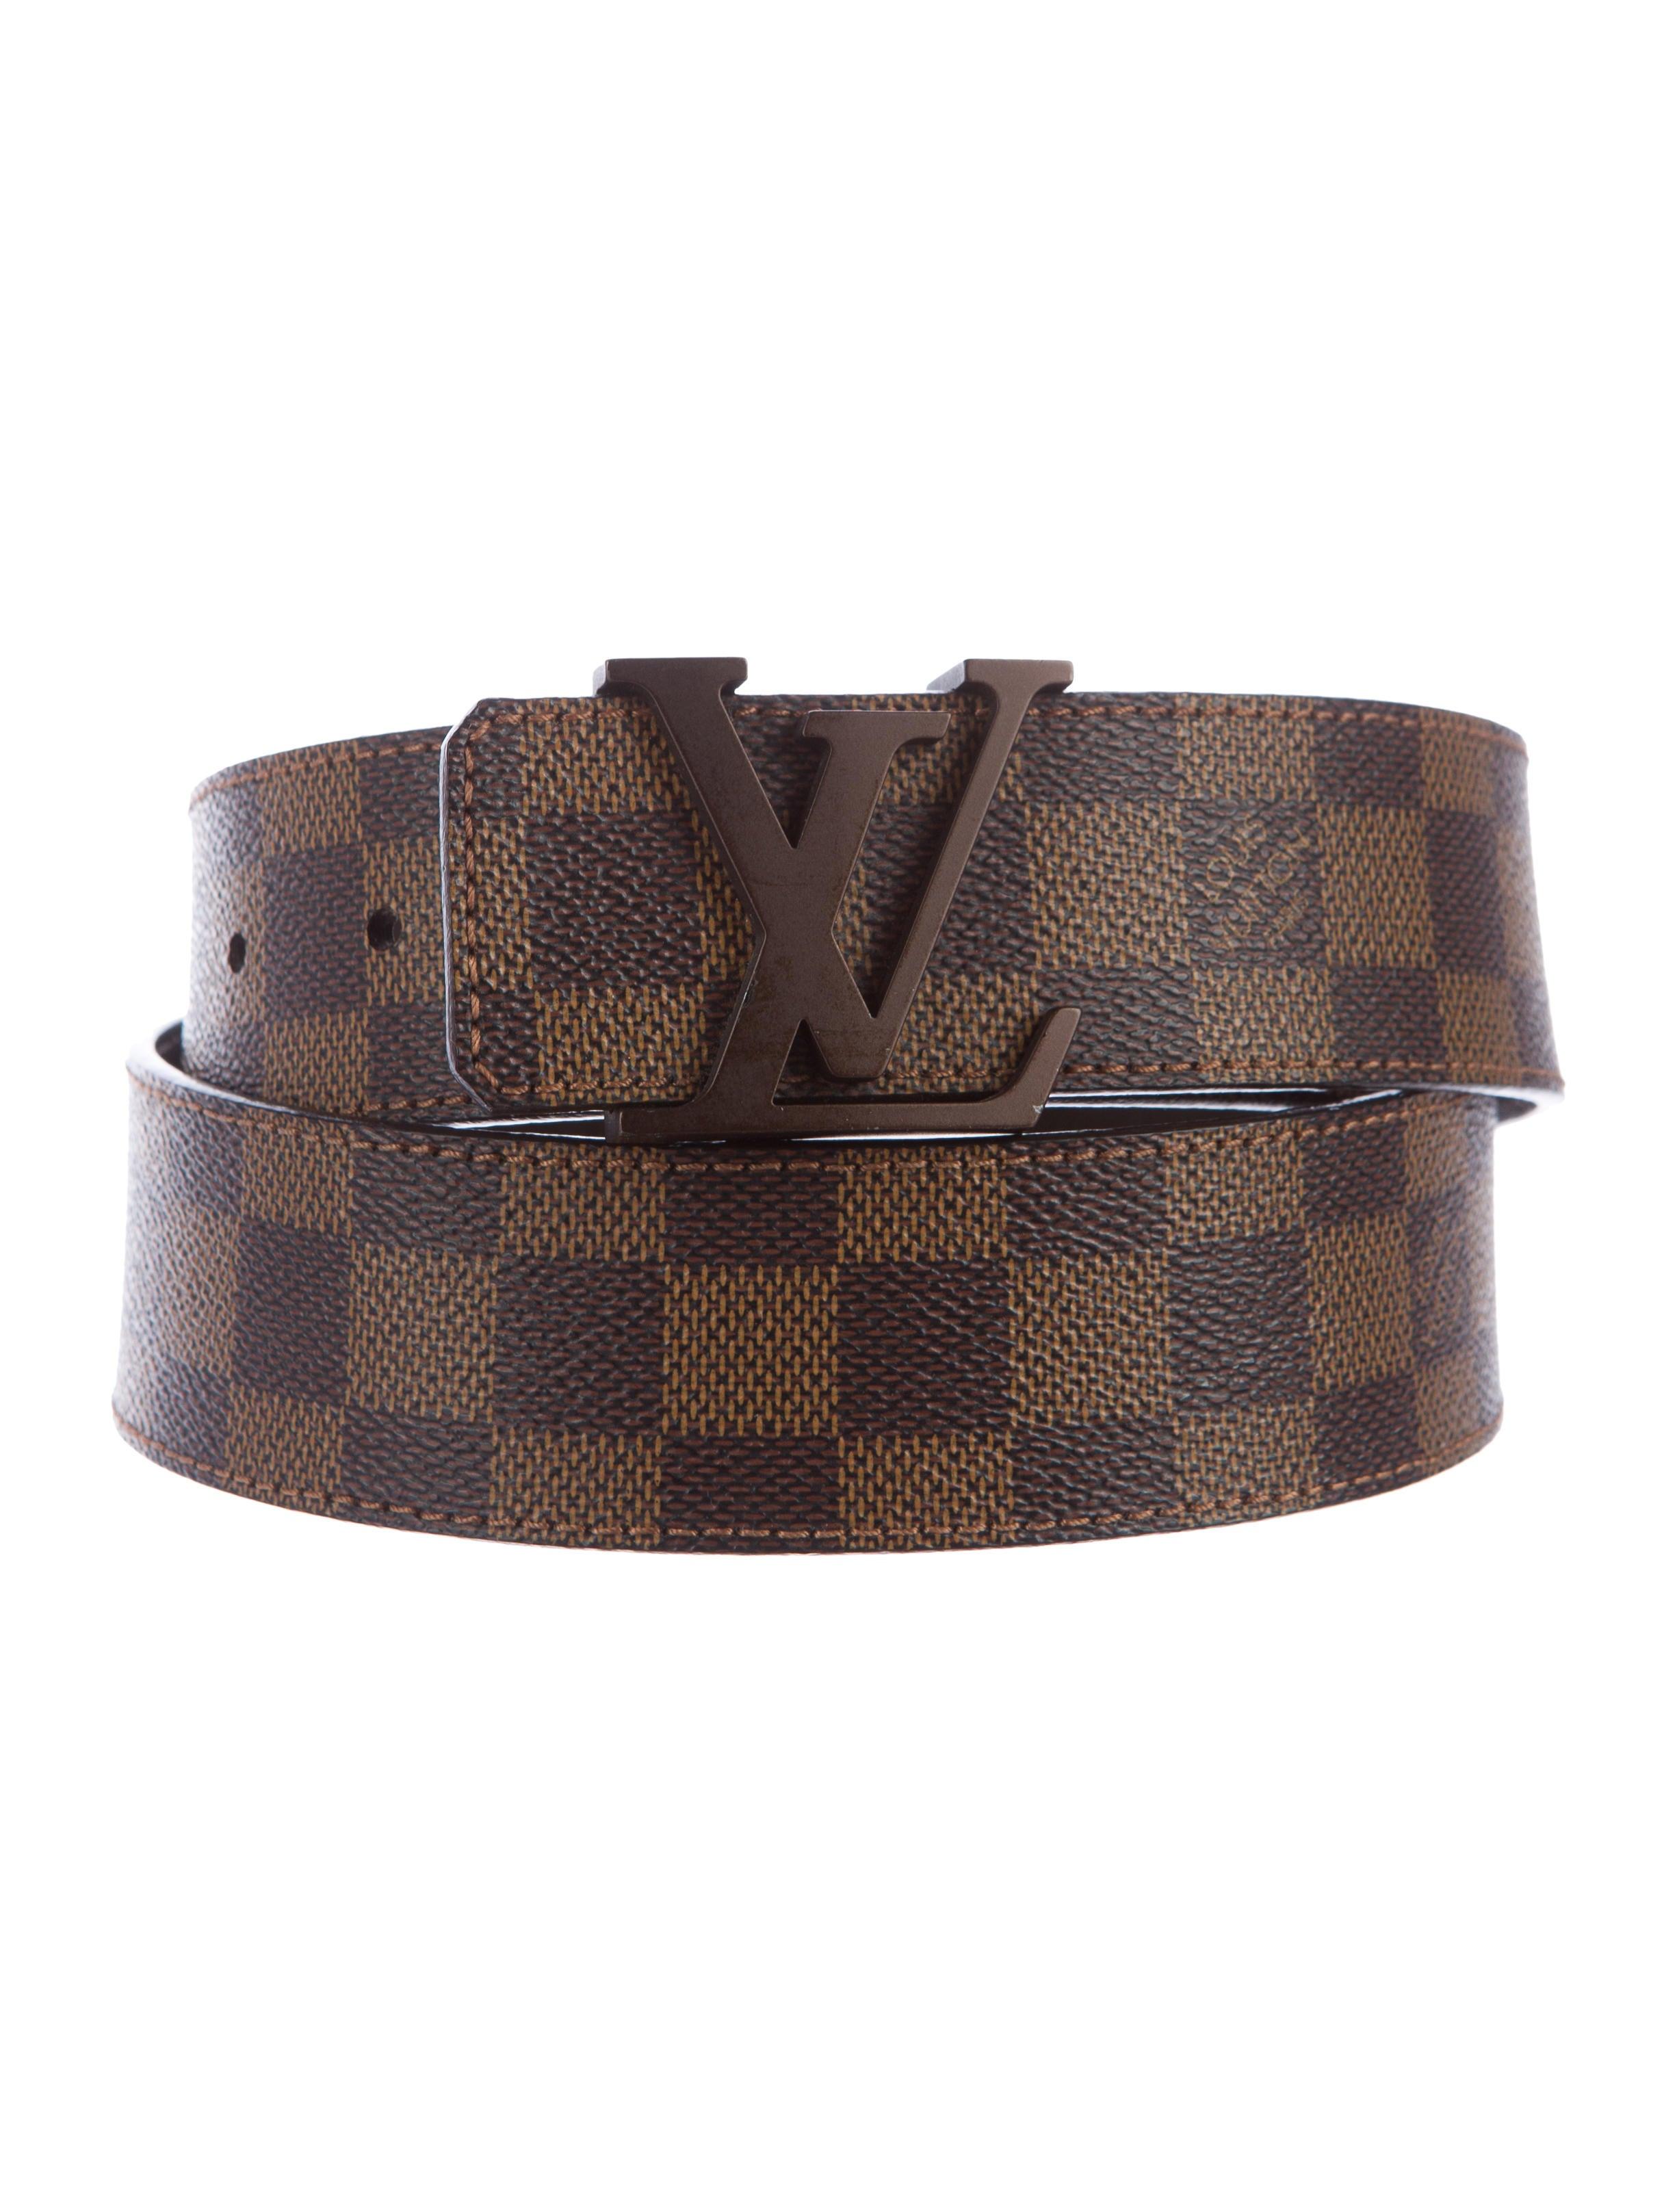 968770934f3 Louis Vuitton Initiales Damier M9609w Belt